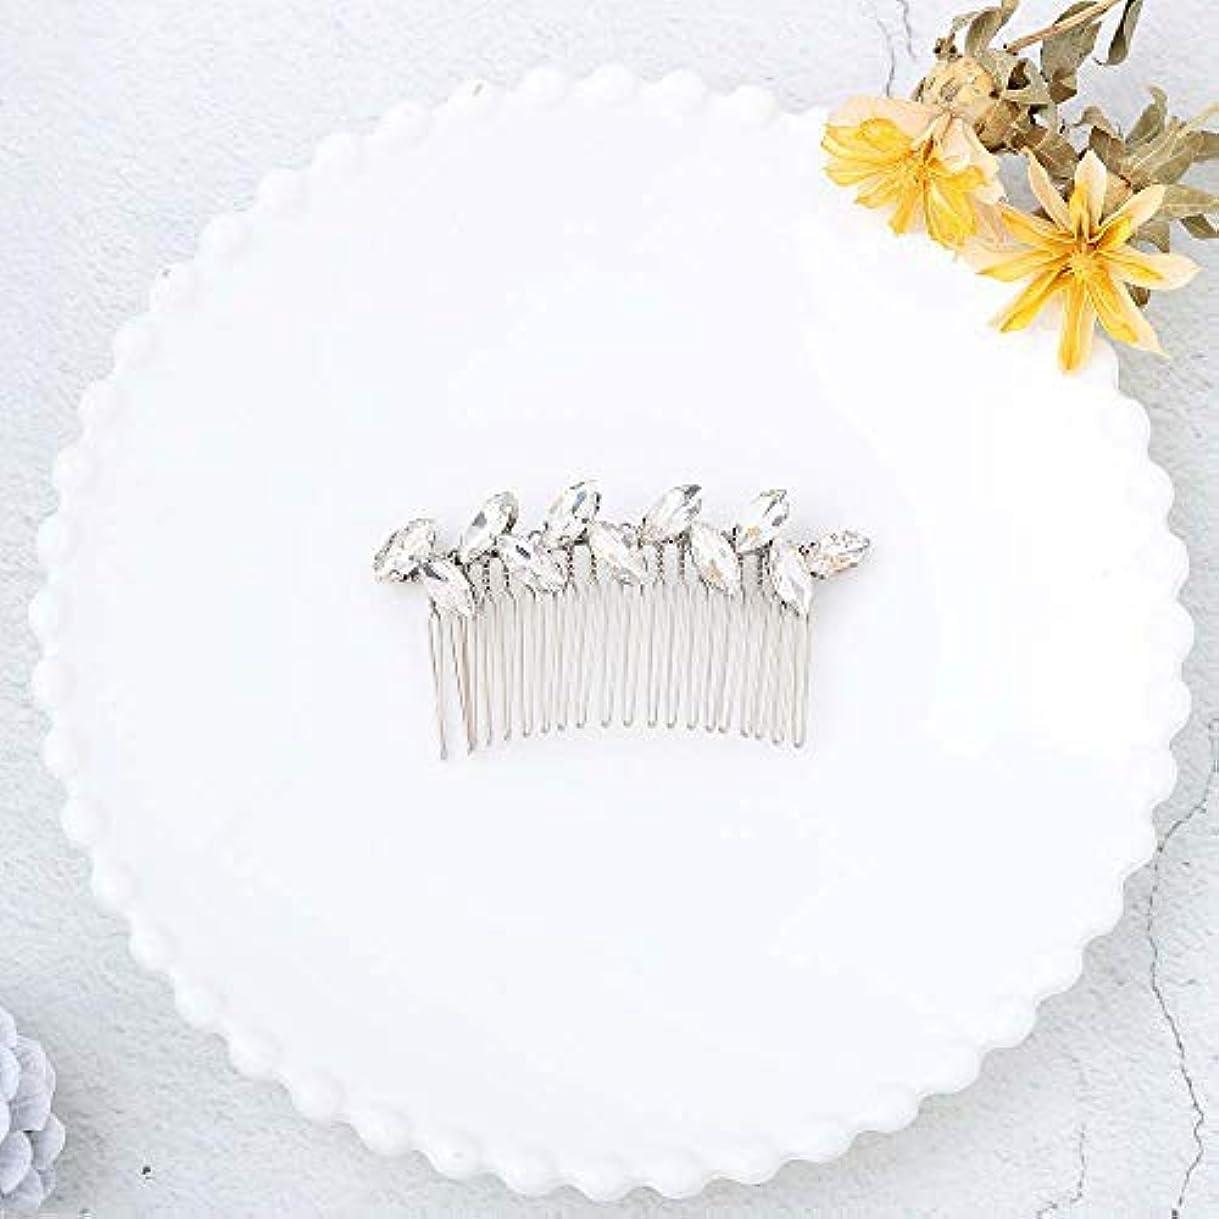 かび臭いきょうだい正午Jovono Bride Wedding Hair Comb Bridal Headpieces with White Rhinestone for Women and Girls (Silver) [並行輸入品]